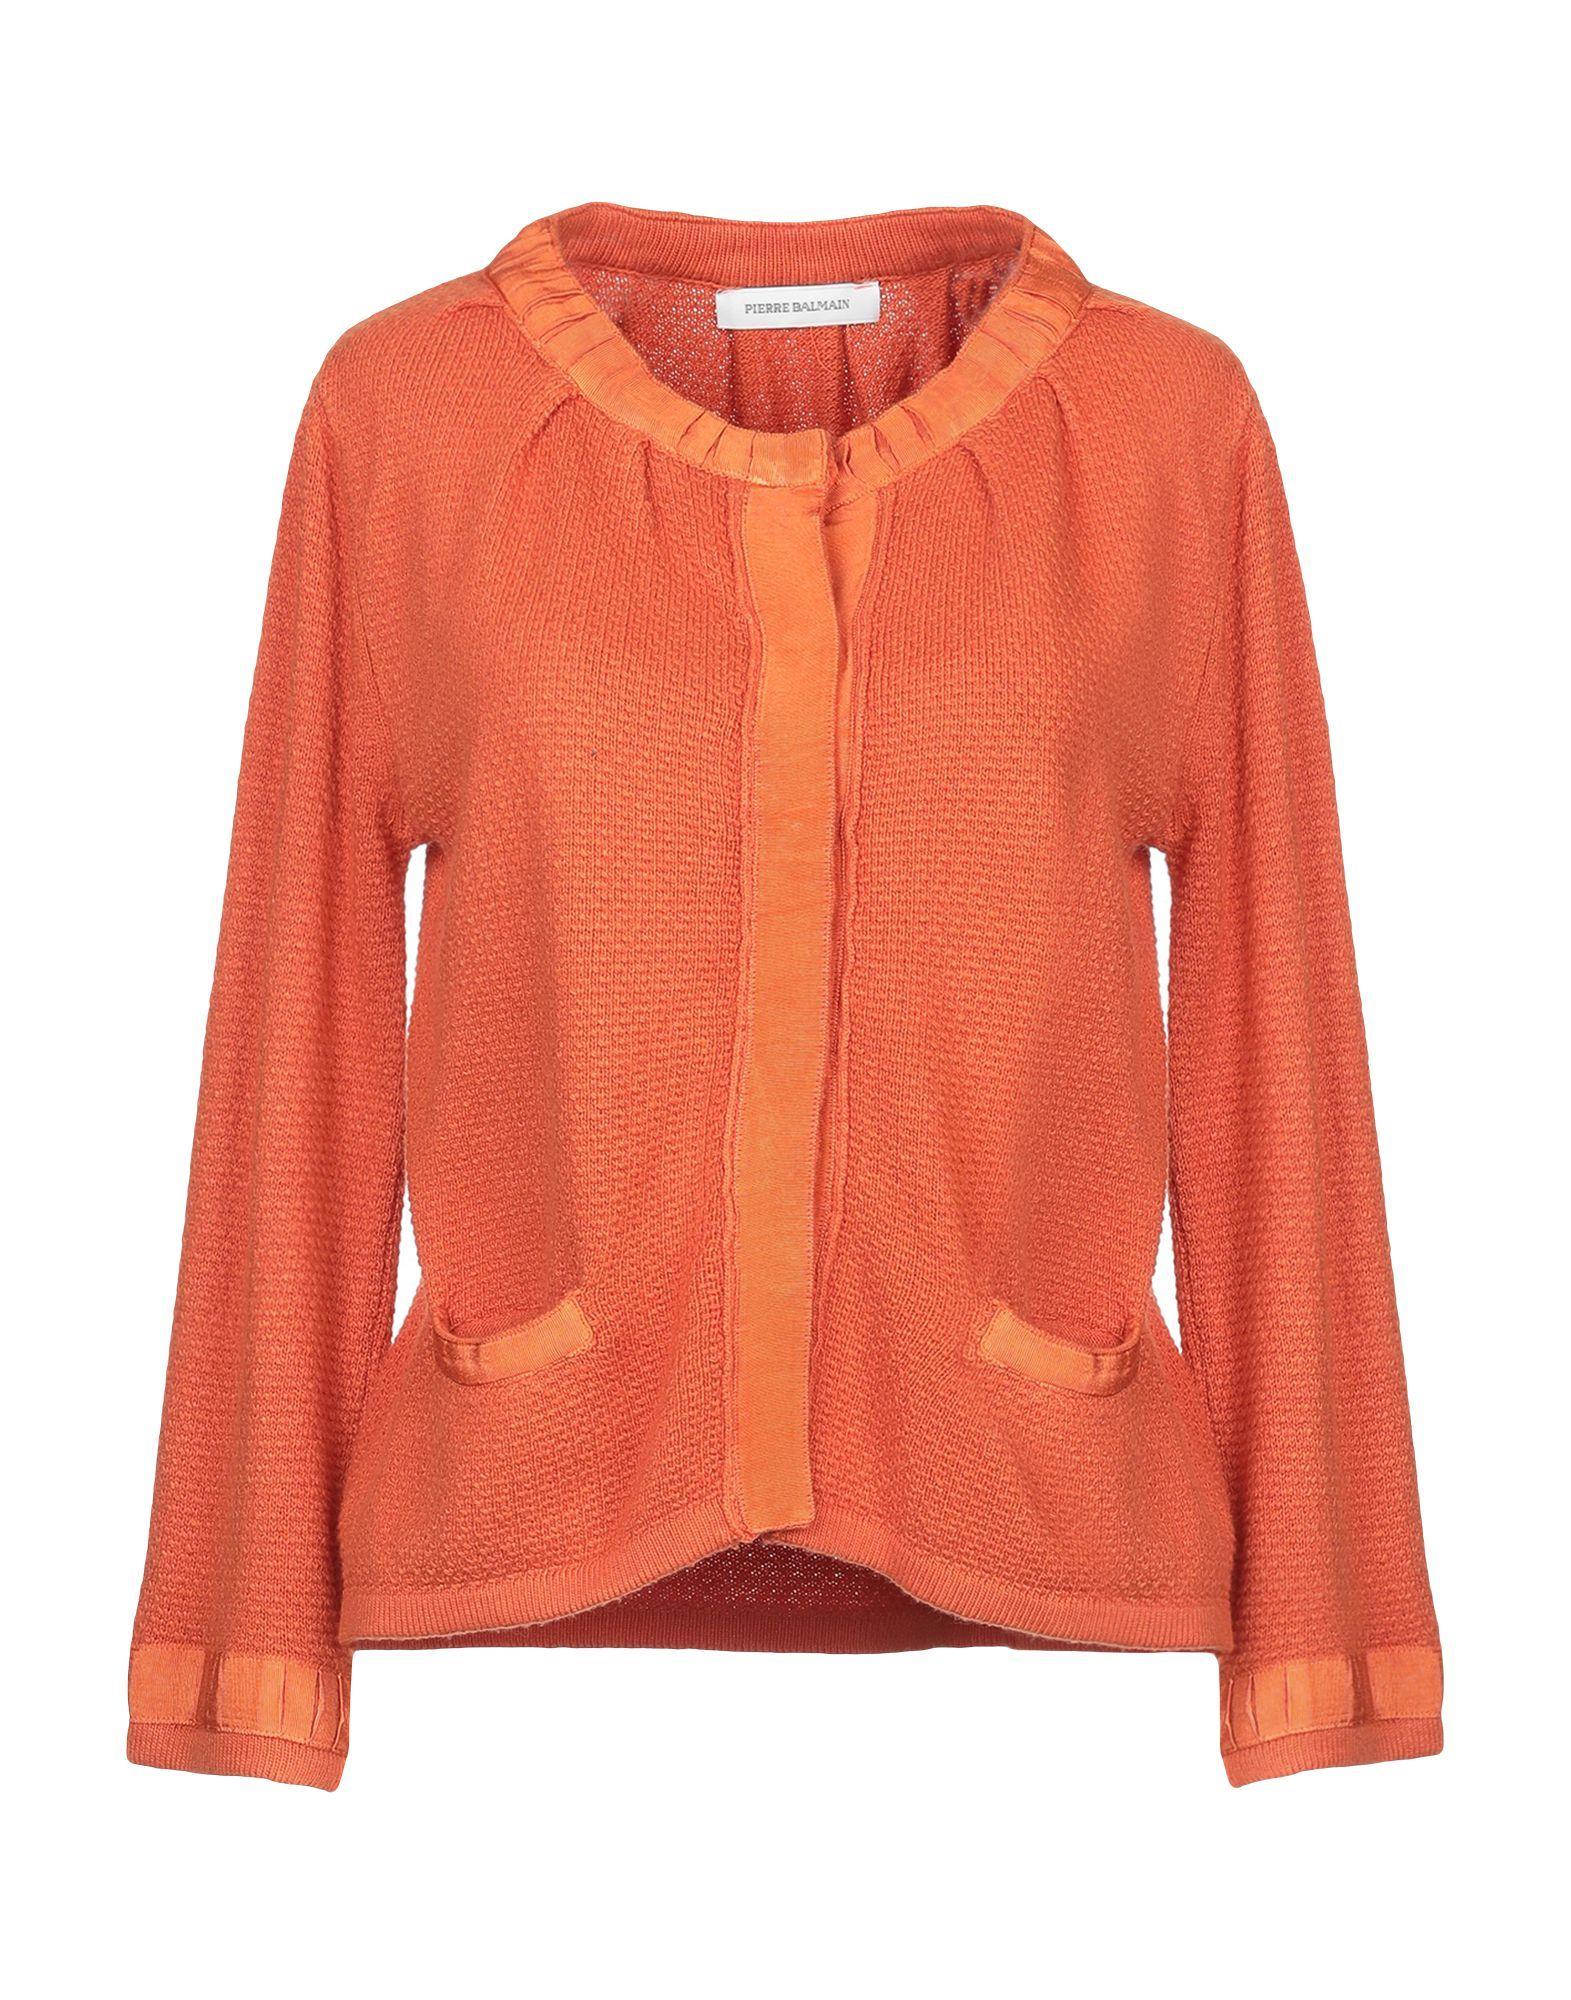 Pierre Balmain Orange Knit Cardigan